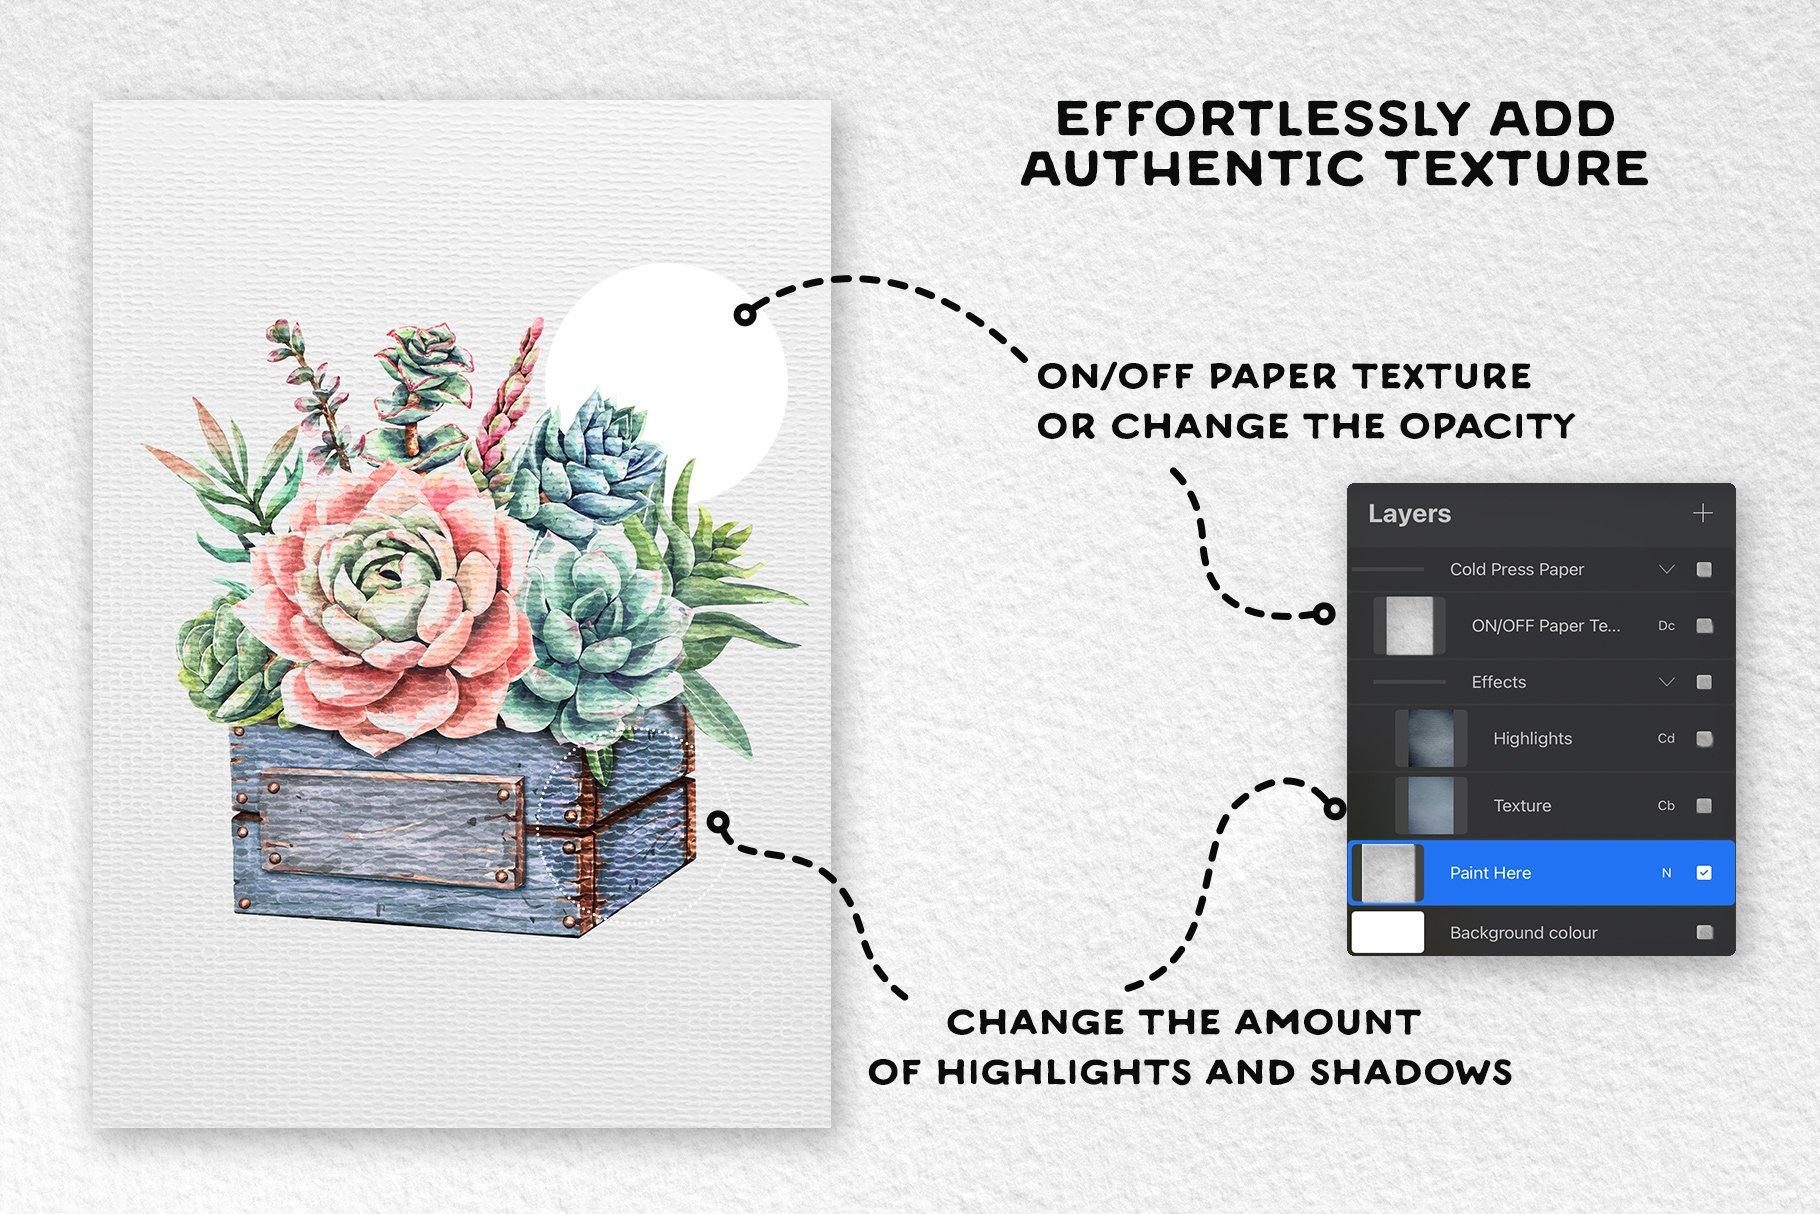 [单独购买] 17款逼真绘画画布背景Procreate纸纹理设计素材 Procreate Paper Texture Canvases插图4